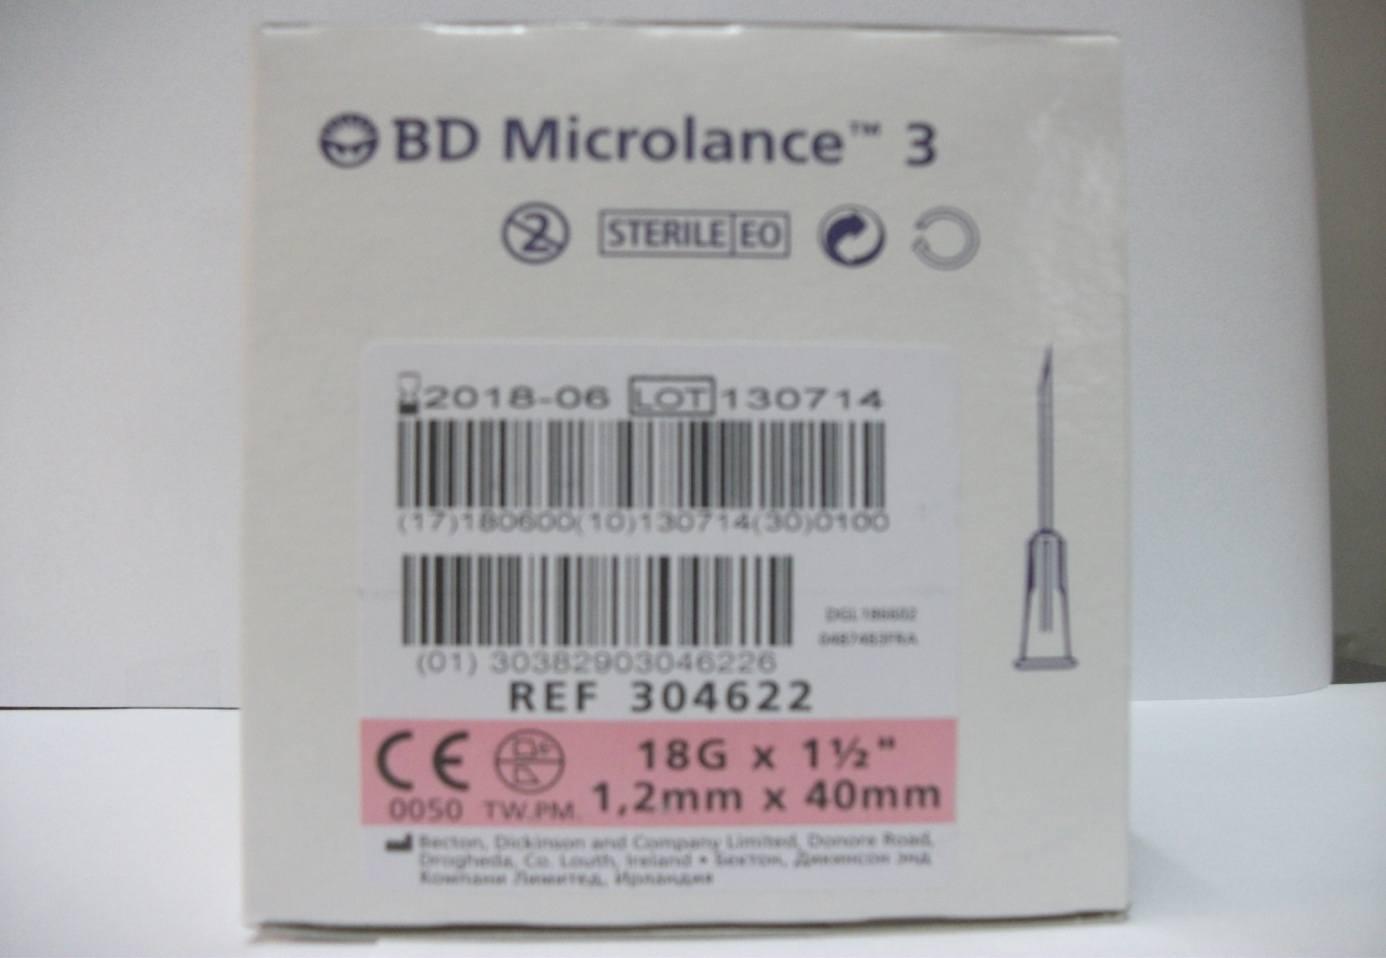 ACE 1,2 mm X 40 mm